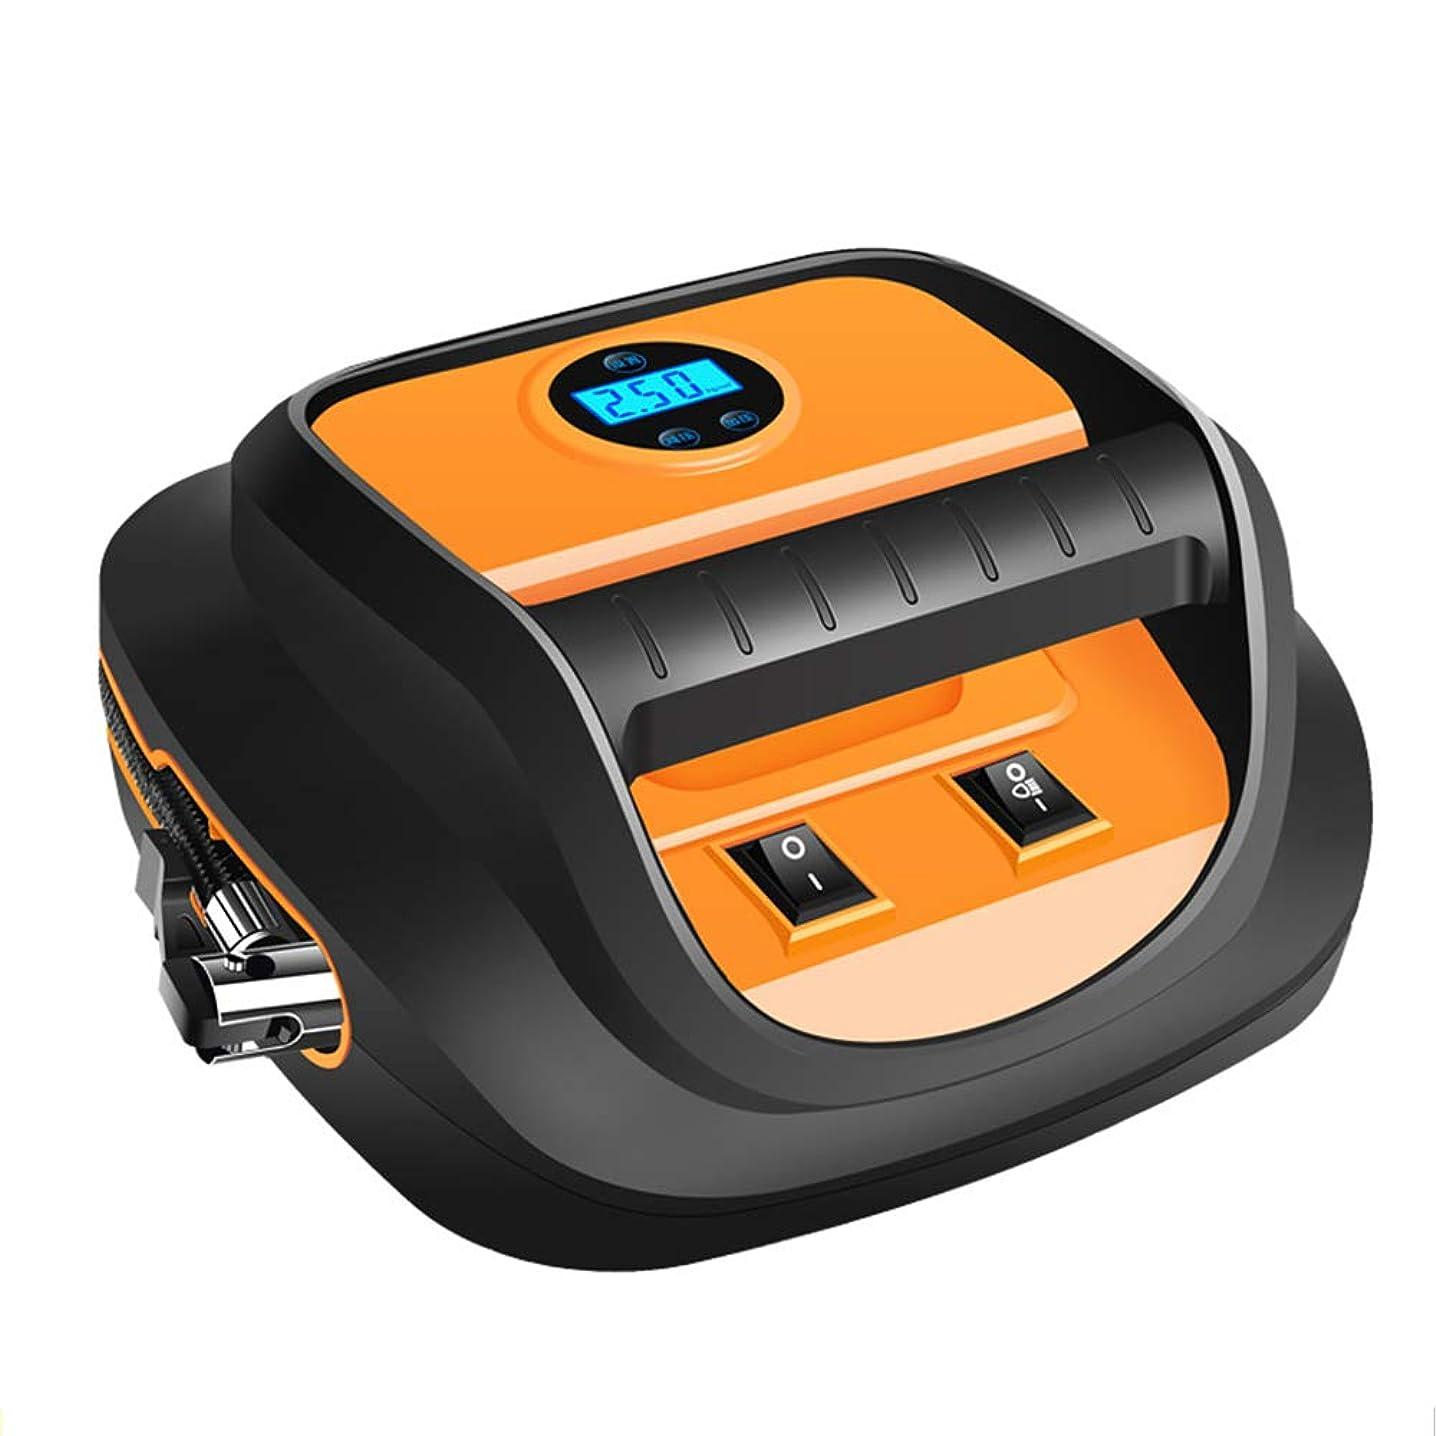 教会ネブ悪行QXKMZタイヤインフレータ、自動デジタルタイヤインフレータポータブル電動ポンプ、格納するのは簡単